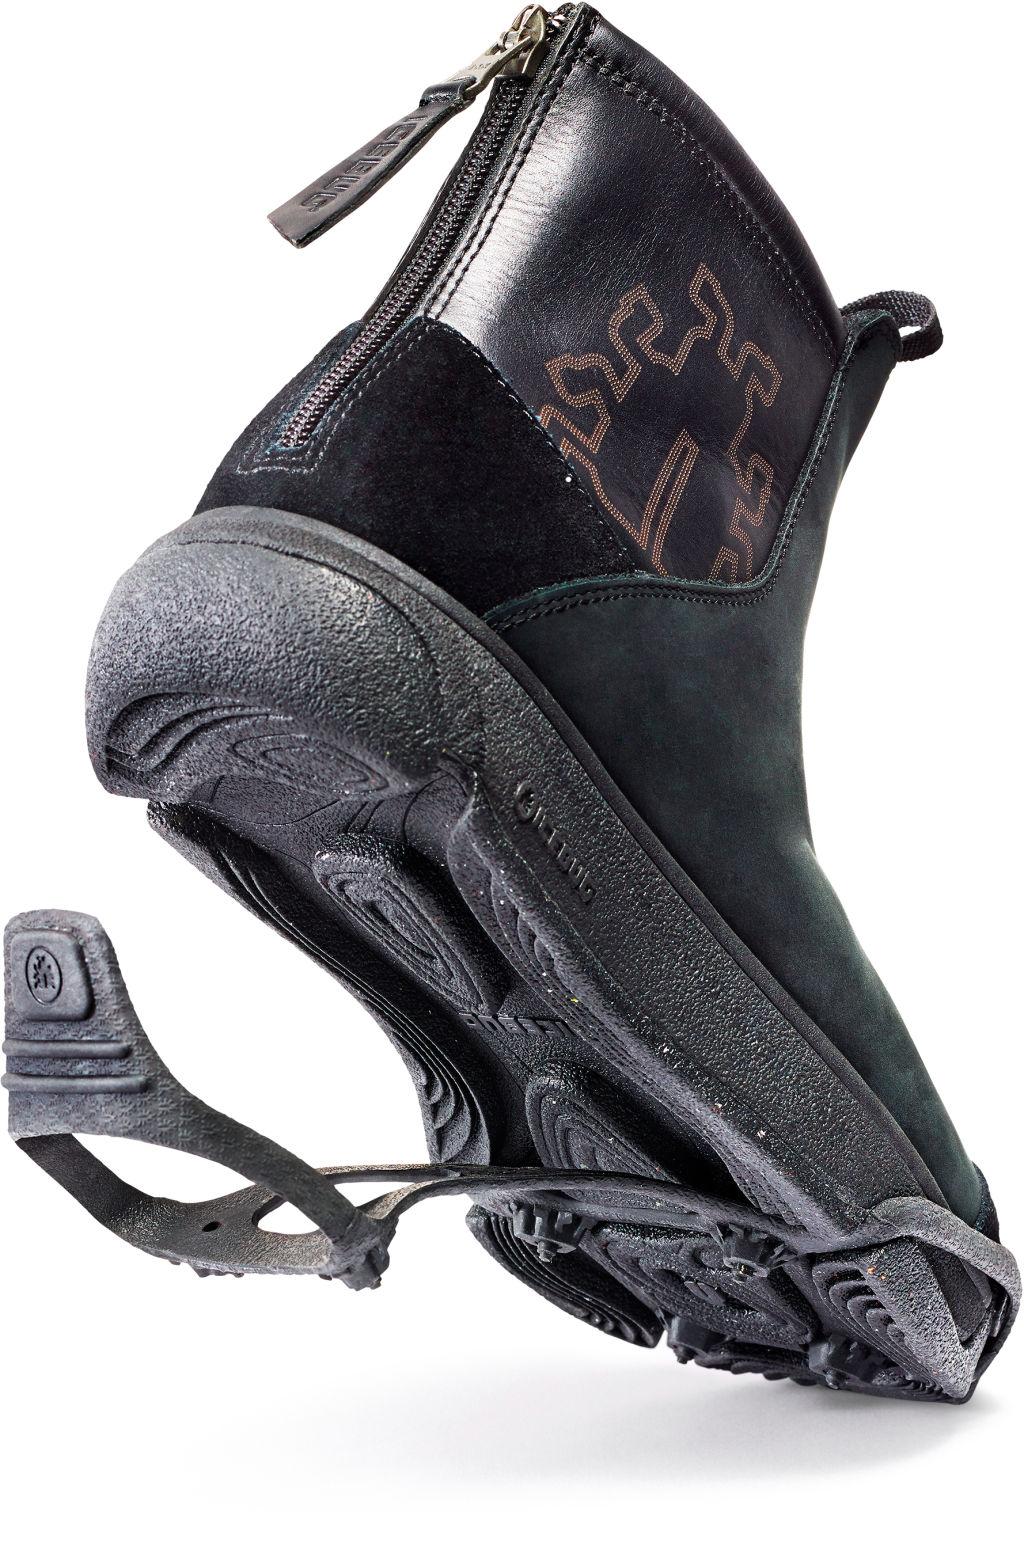 Miesten Icebug kengät netistä  c875c231e0